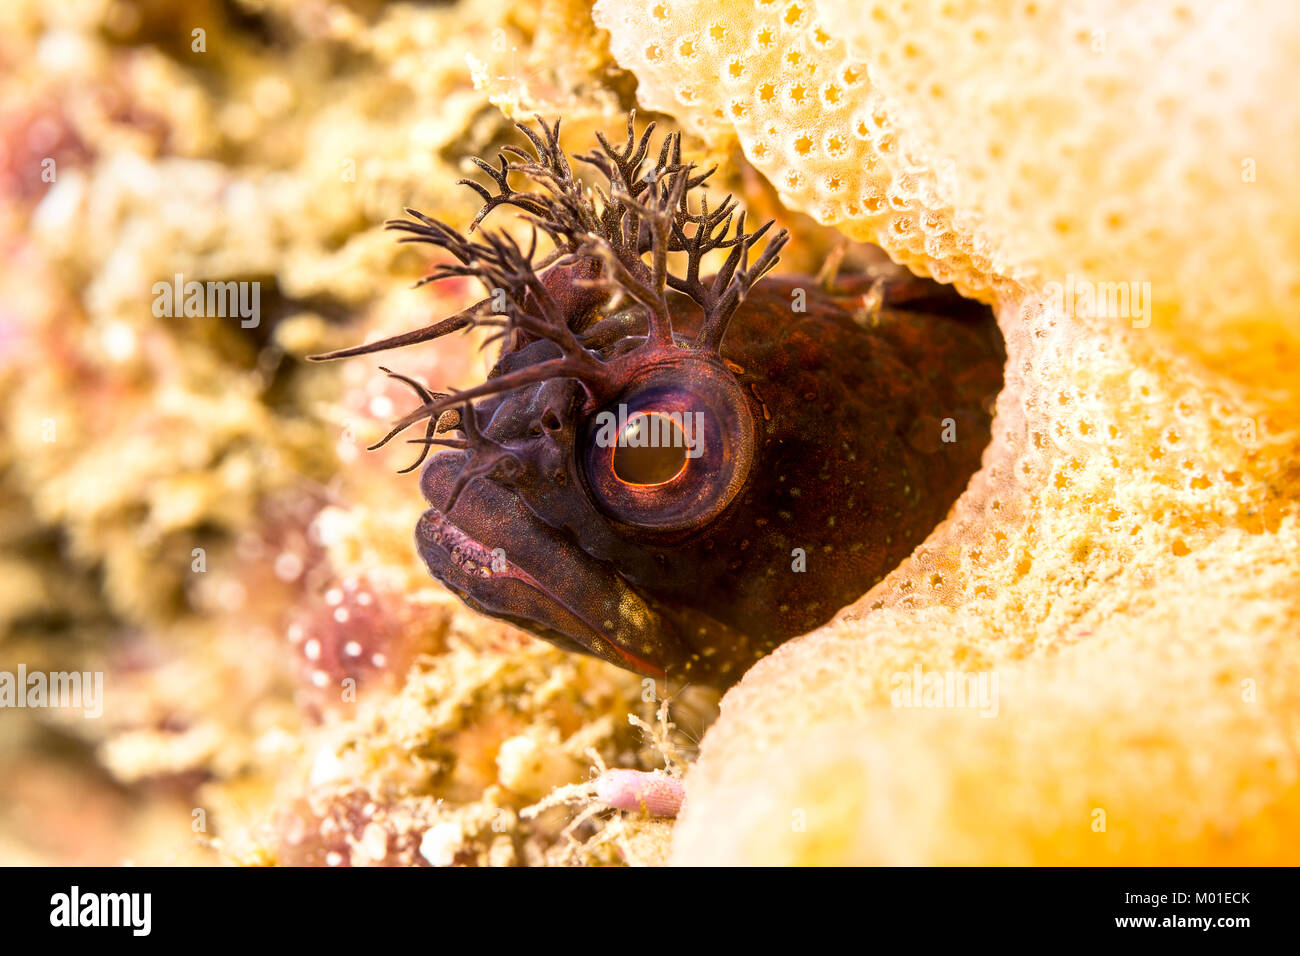 Eine kleine fringehead blenny Fisch späht aus einem Loch auf einem Riff in Südkalifornien. Tiere sind Stockbild